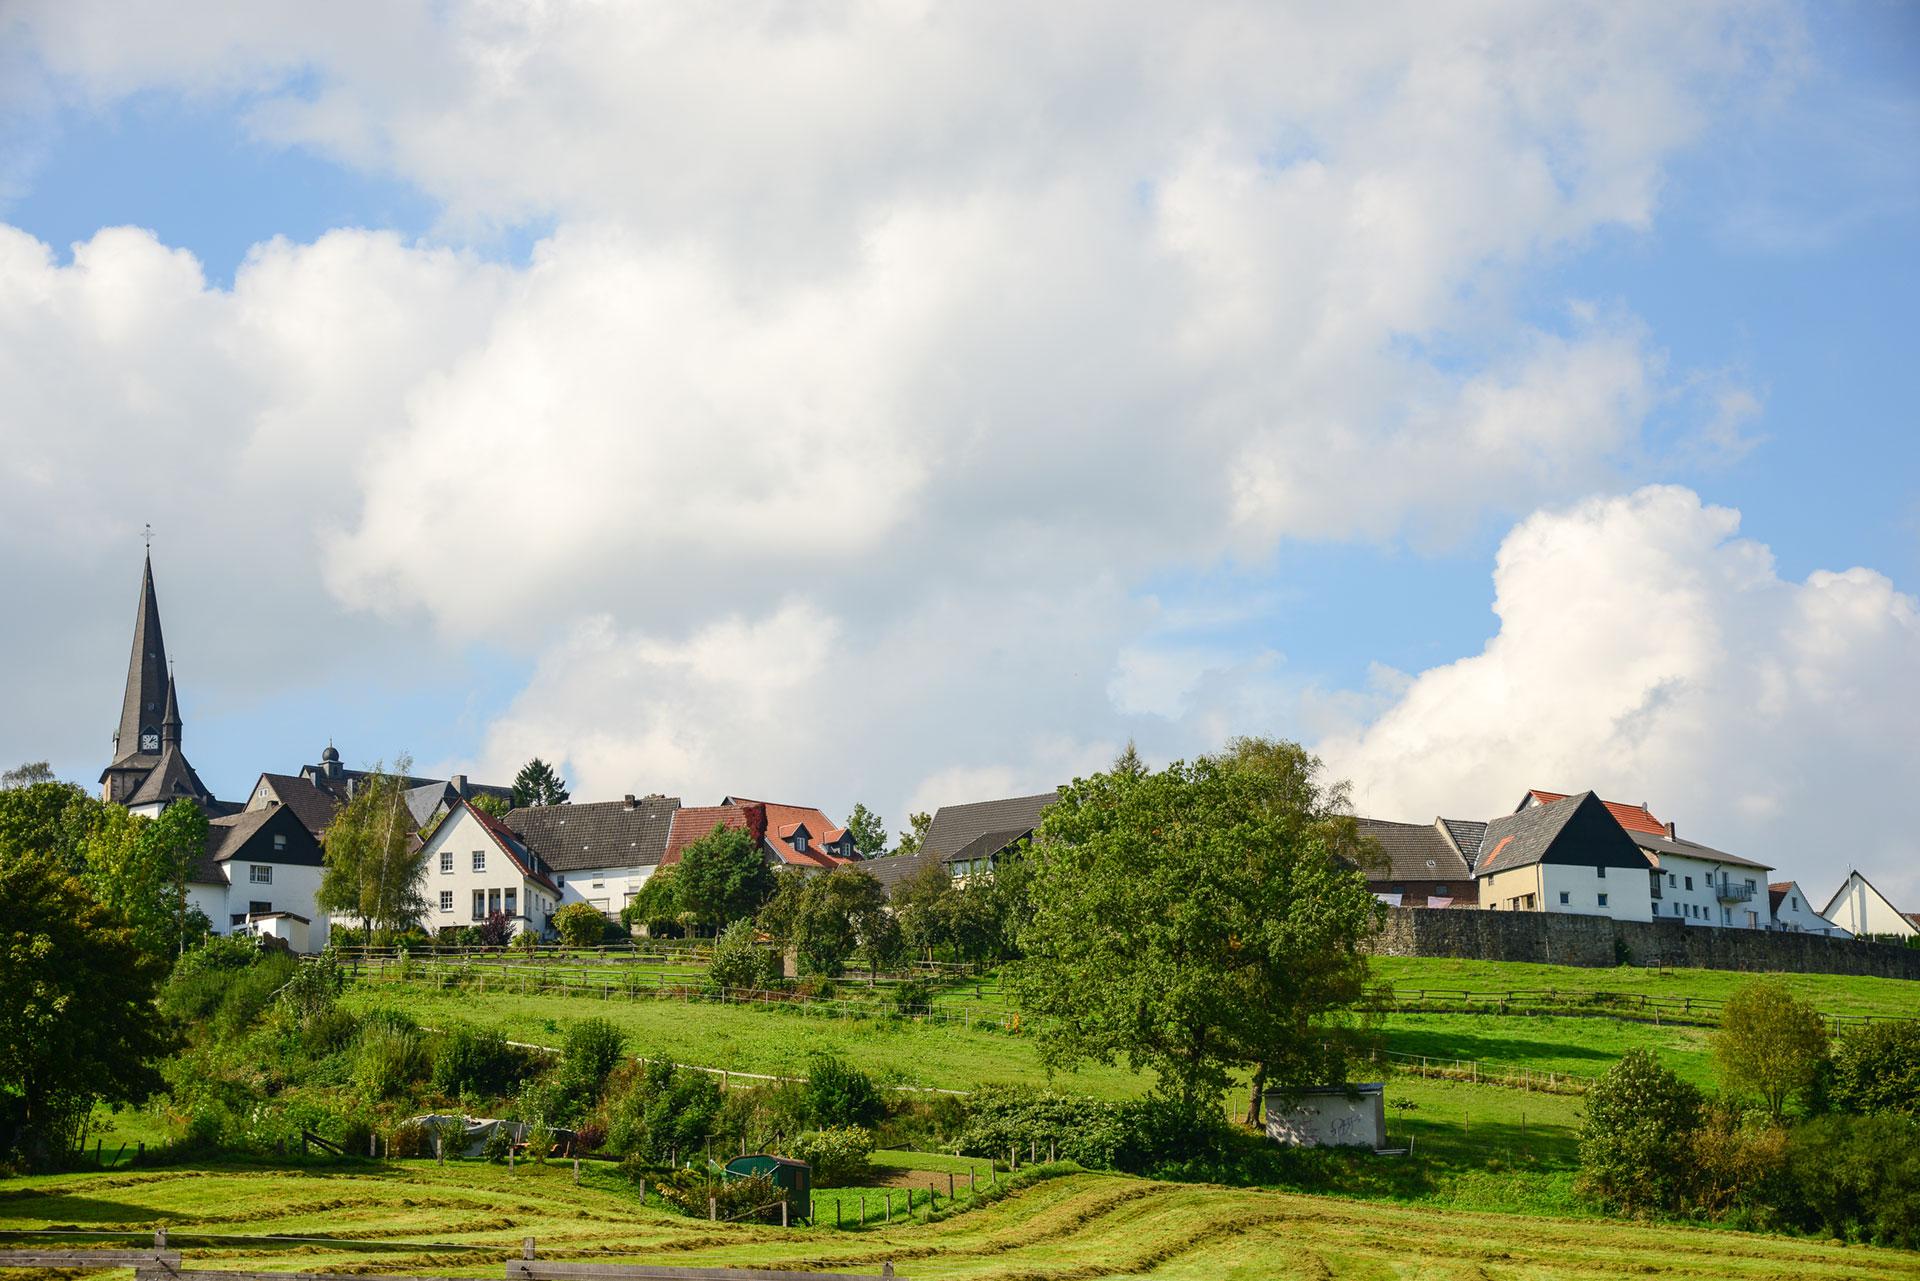 Blick-auf-die-Stadtmauer-von-Kallenhardt-mit-St.Clemens-Kirche-Foto-Zoomfaktor